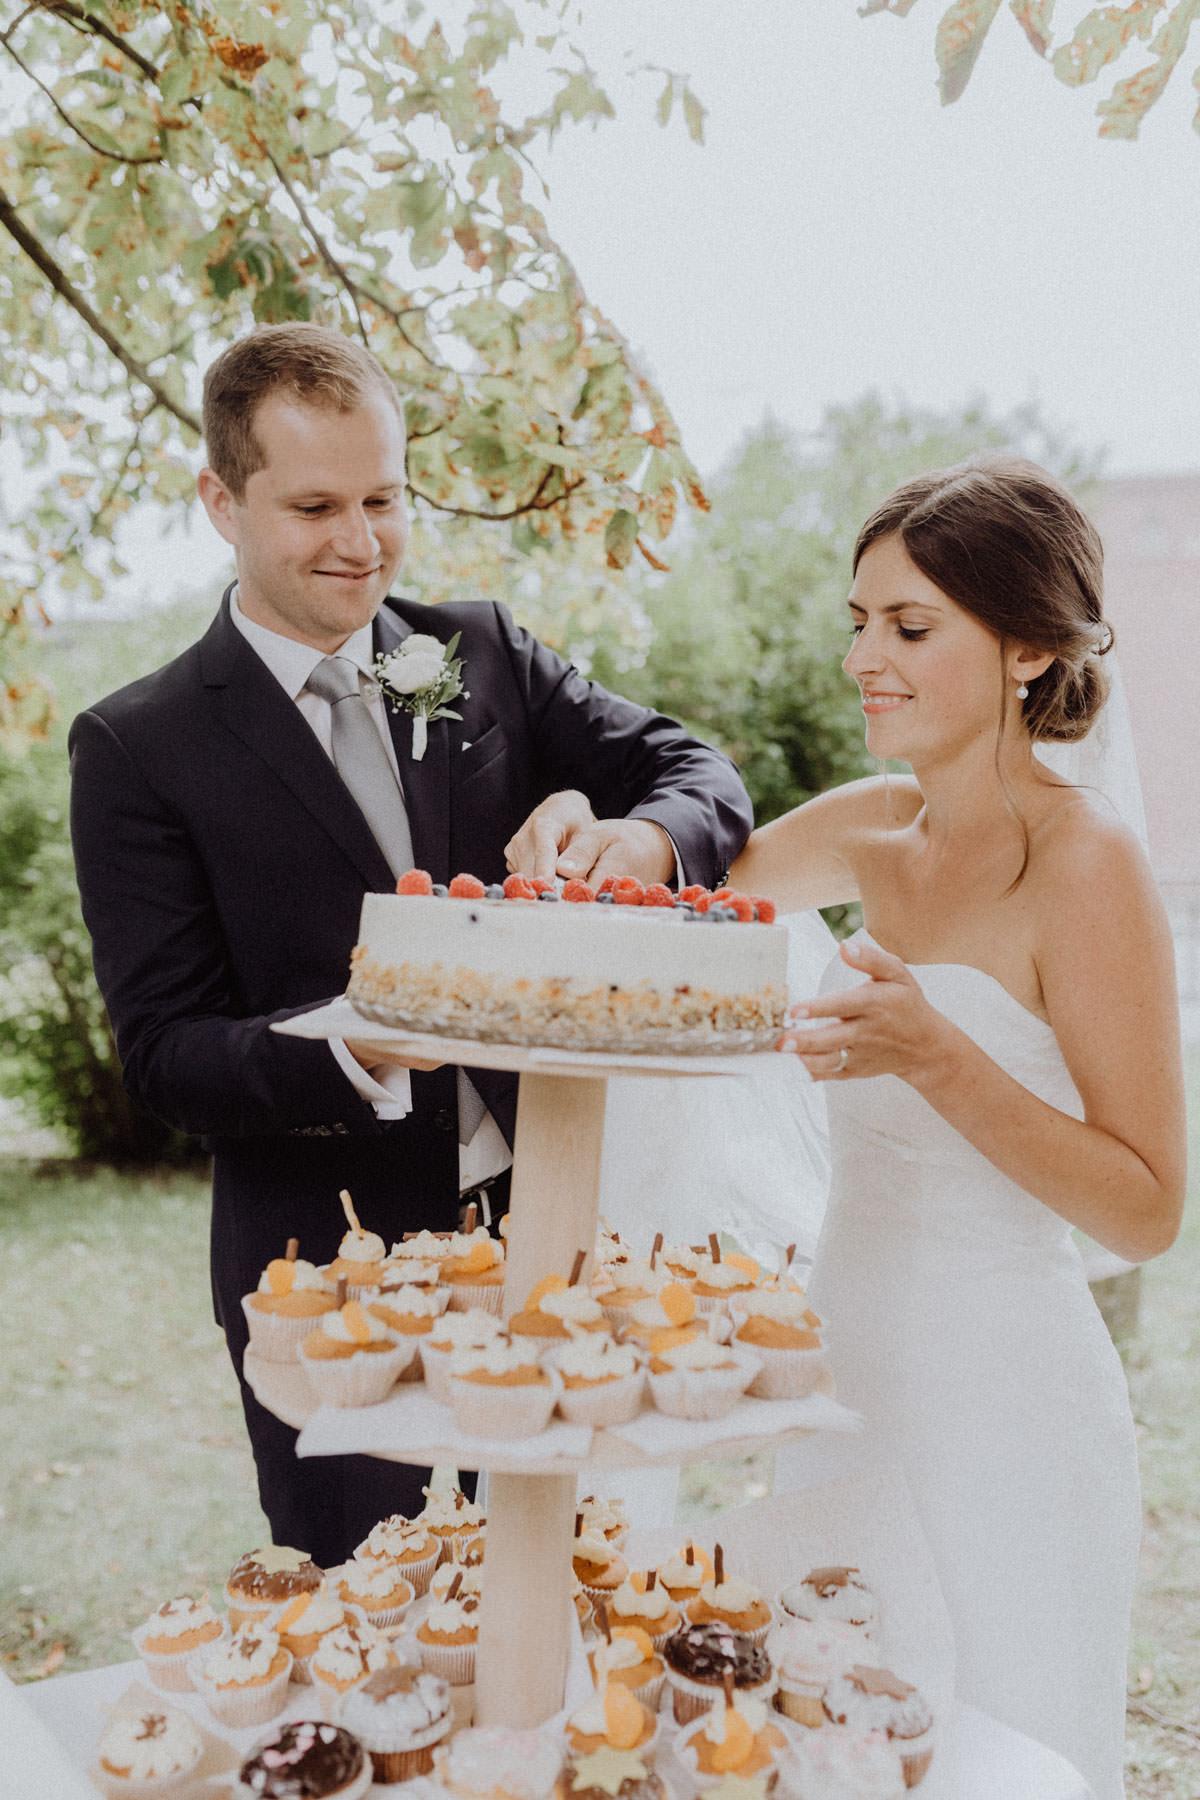 Hochzeitsfotograf Tübingen Hochzeitstorte Kuchenanschnitt Tortenanschnitt